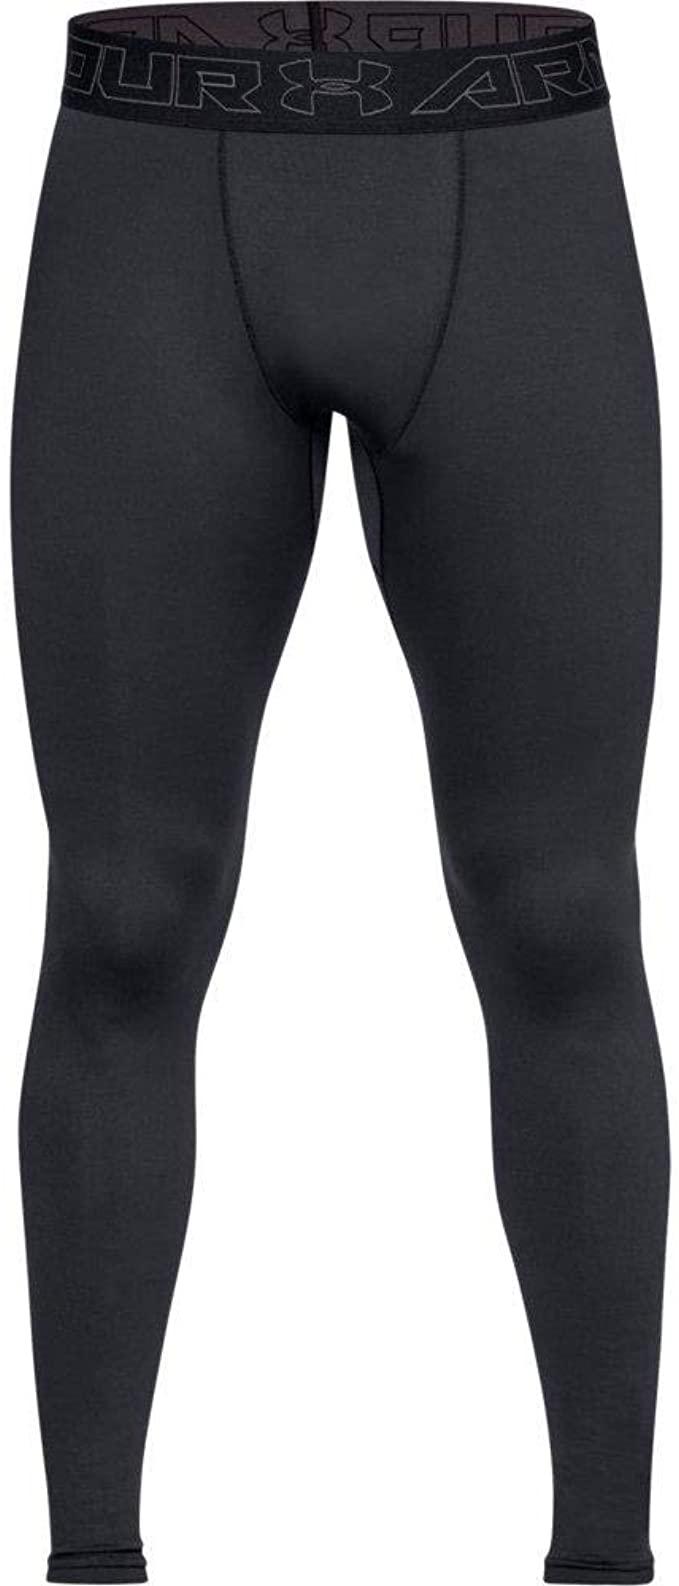 Cold gear compression leggings